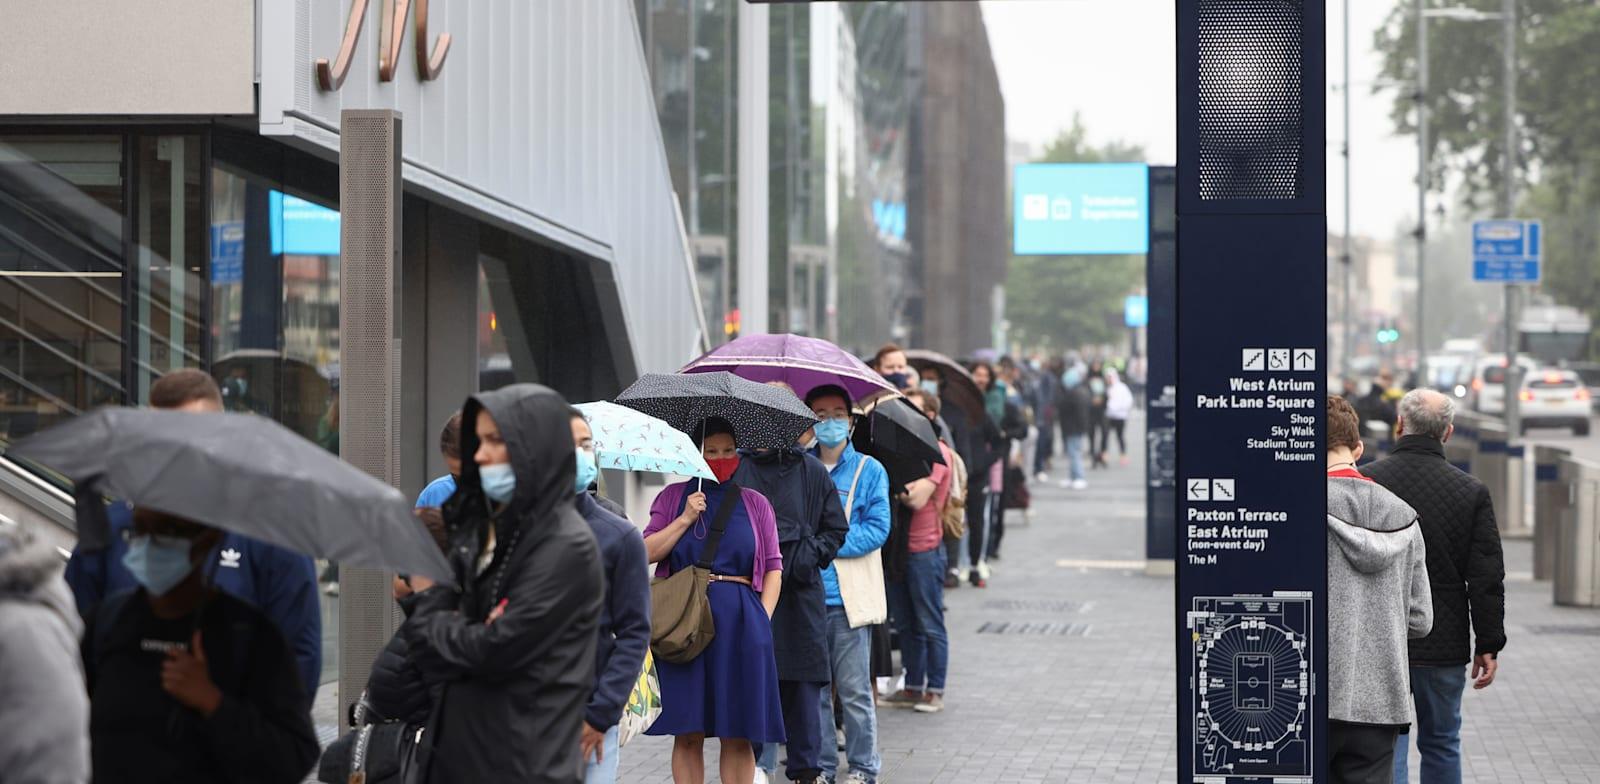 בריטניה: אנשים עומדים בתור מחוץ למרכז חיסוני קורונה / צילום: Reuters, HENRY NICHOLLS